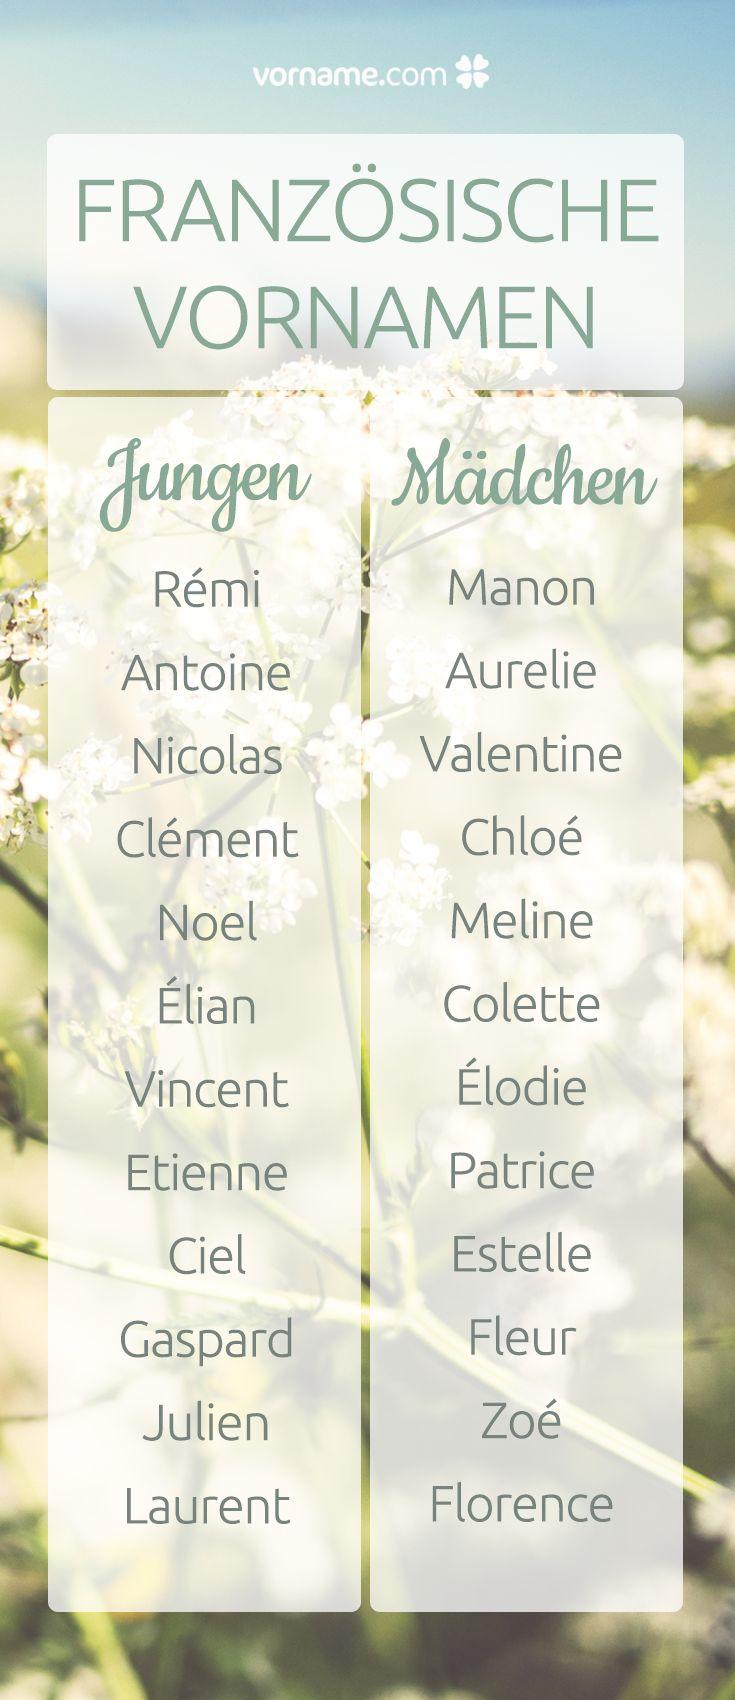 Du liebst französische Vornamen? Wir haben eine Auswahl an 55 Namen für Jungen und Mädchen für Dich zusammengestellt. Welcher ist Dein Favorit?